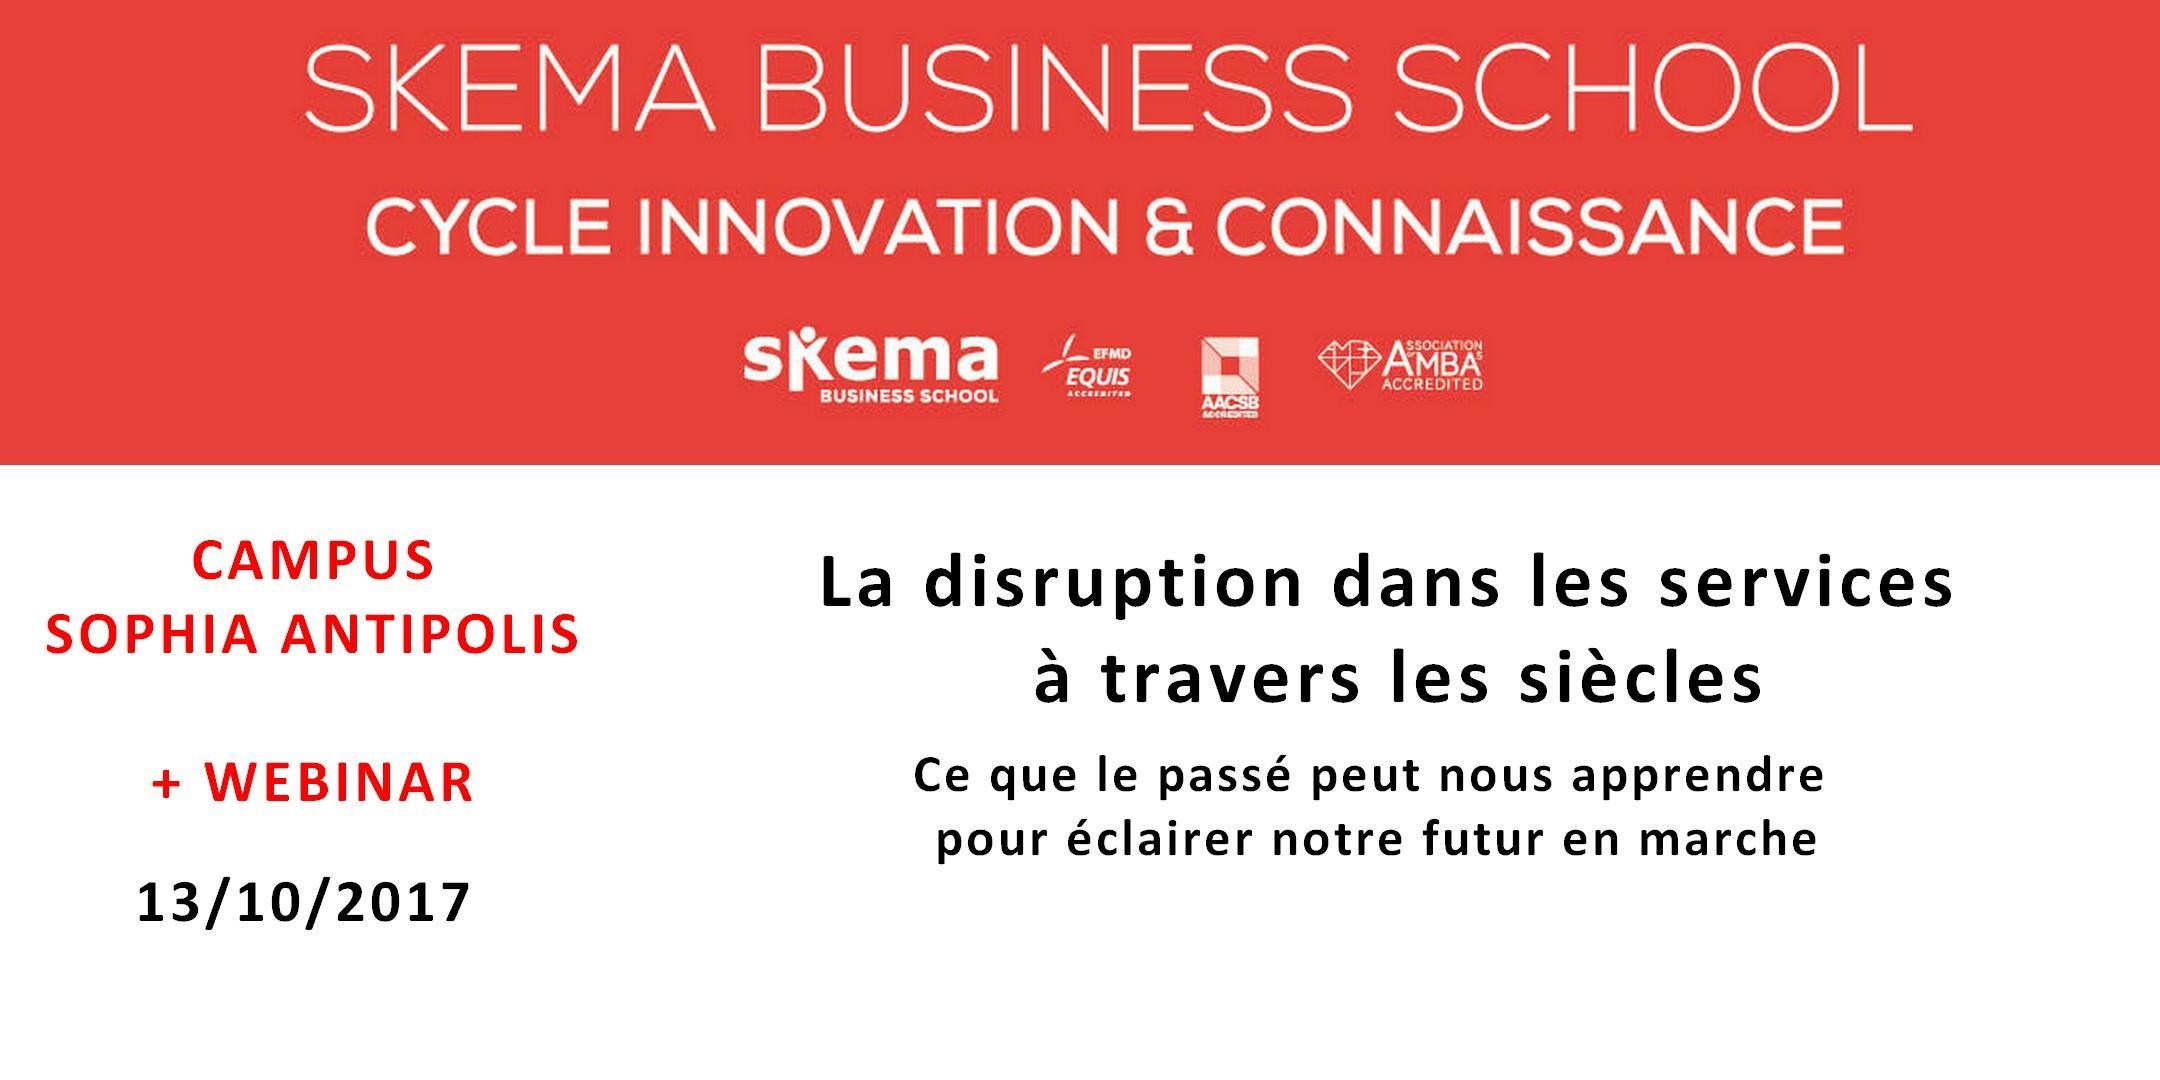 La disruption dans les services à travers les siècles. Cycle Innovation & Connaissance SKEMA. 13/10/17 (8h30-10h, Sophia Antipolis)